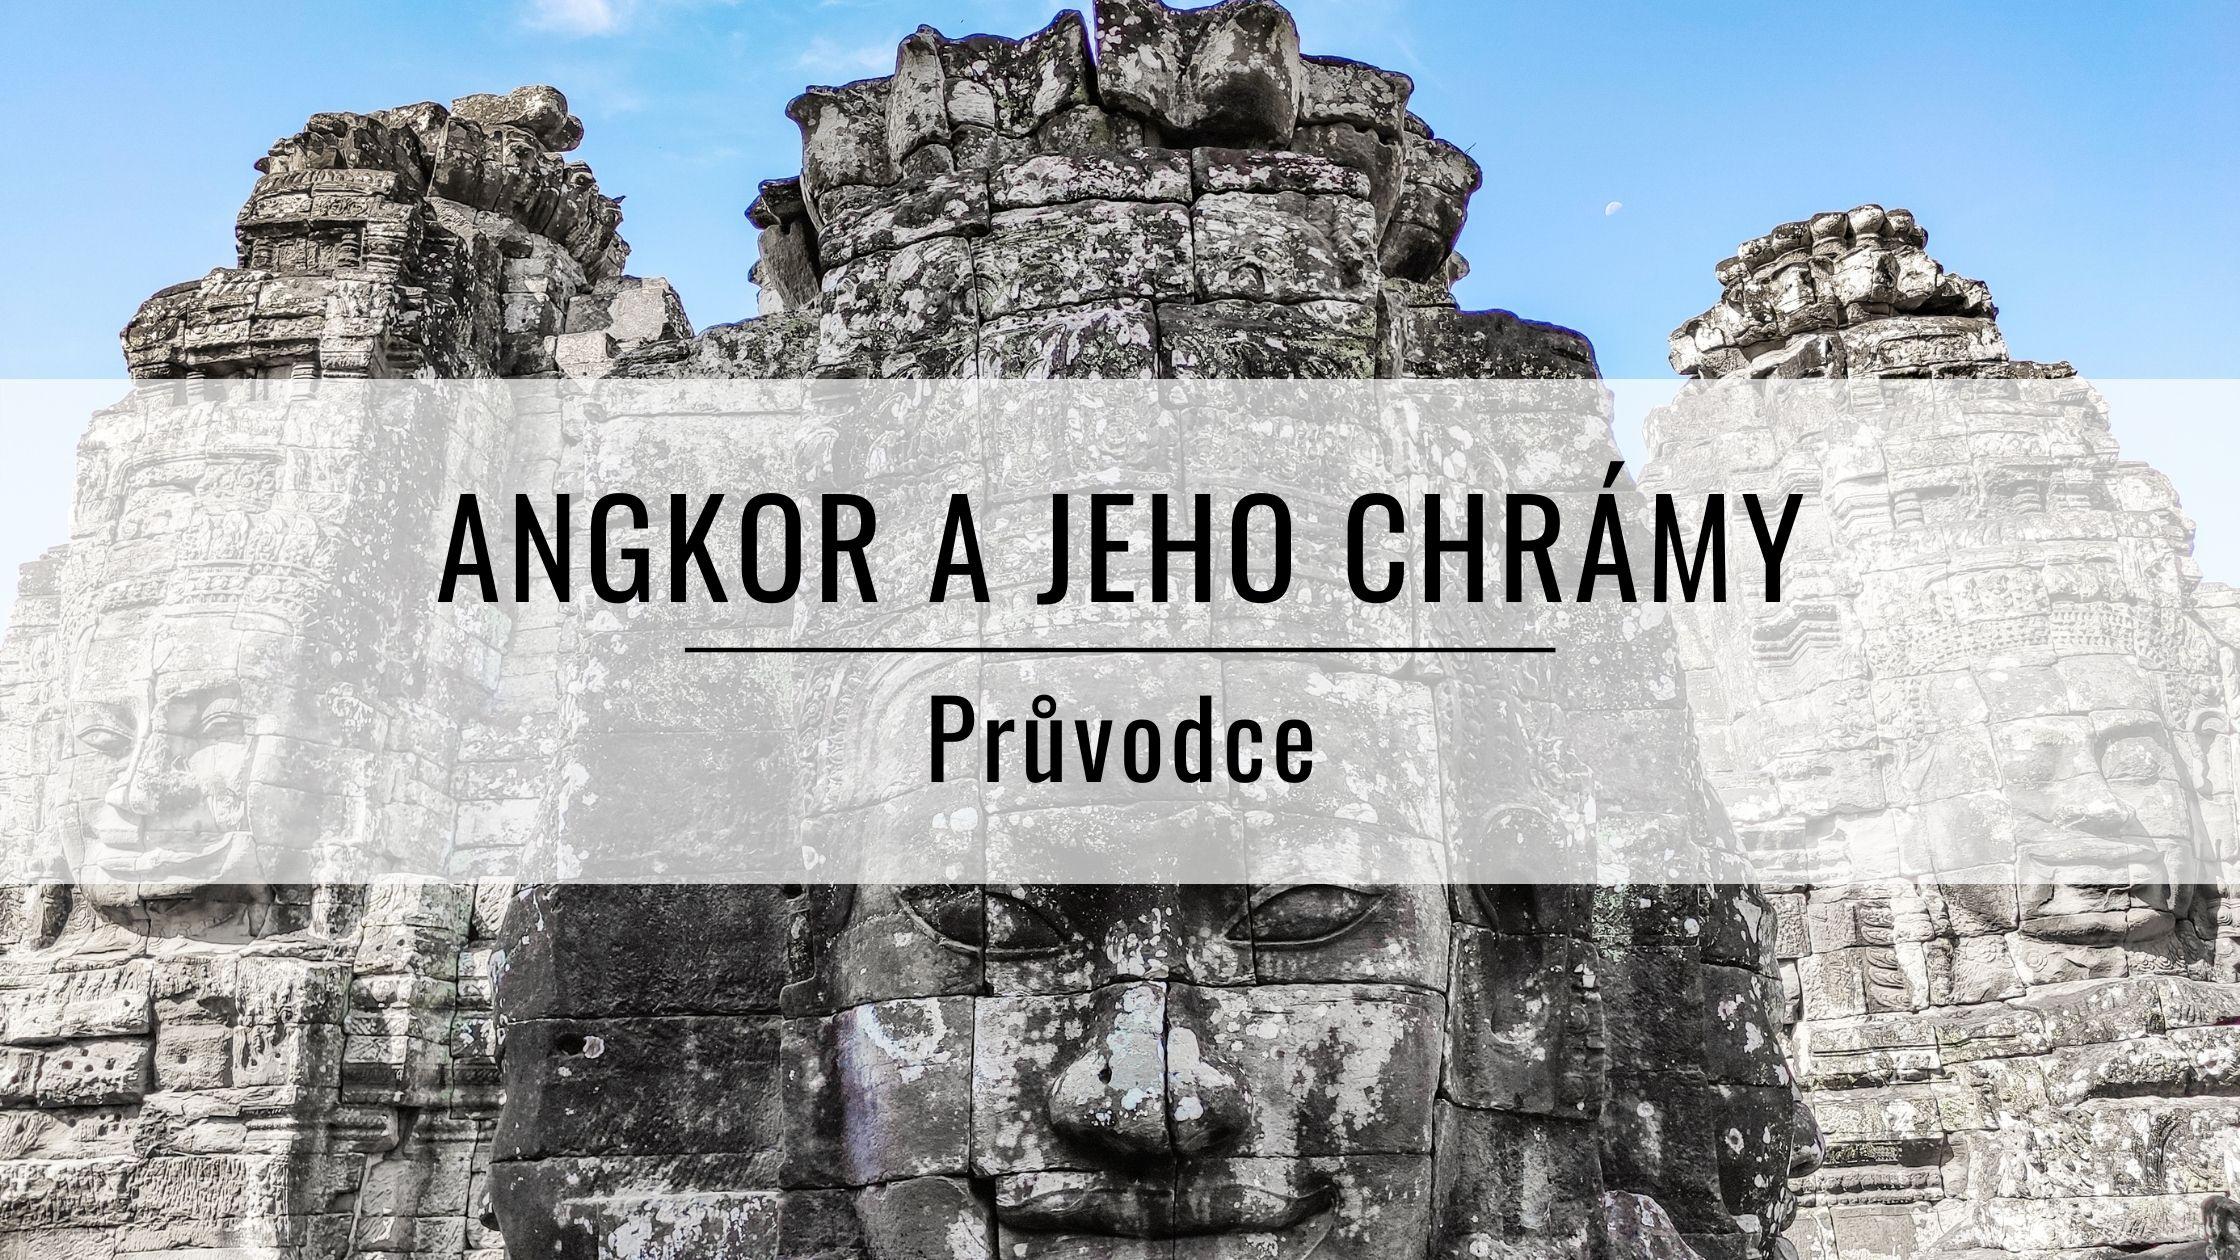 Quel était le nom du Cambodge?